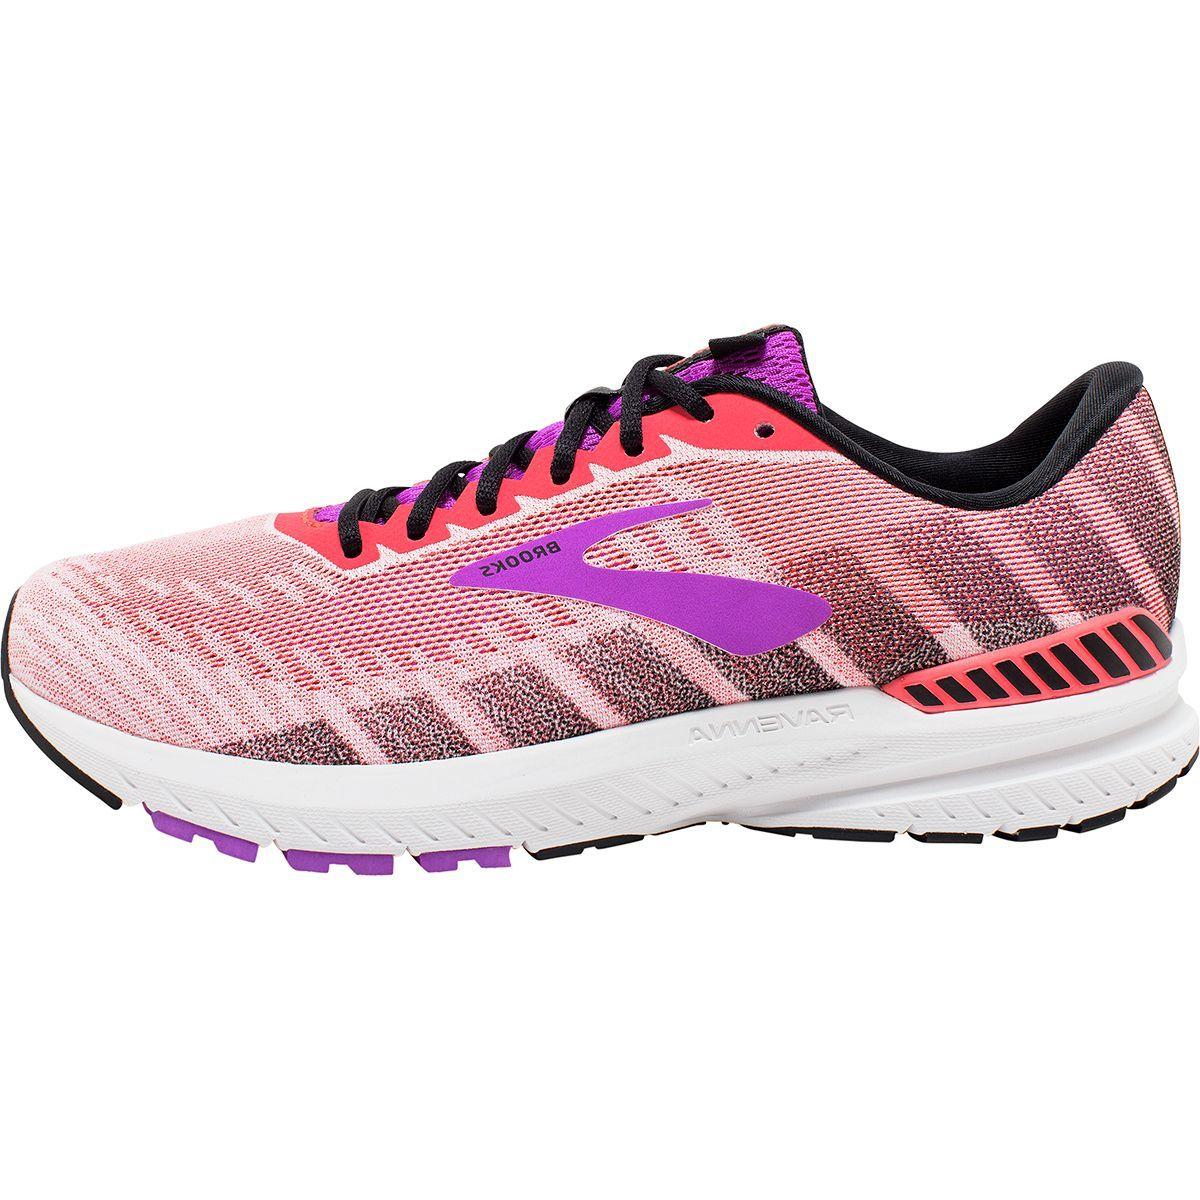 Brooks Ravenna 10 Running Shoe - Women's